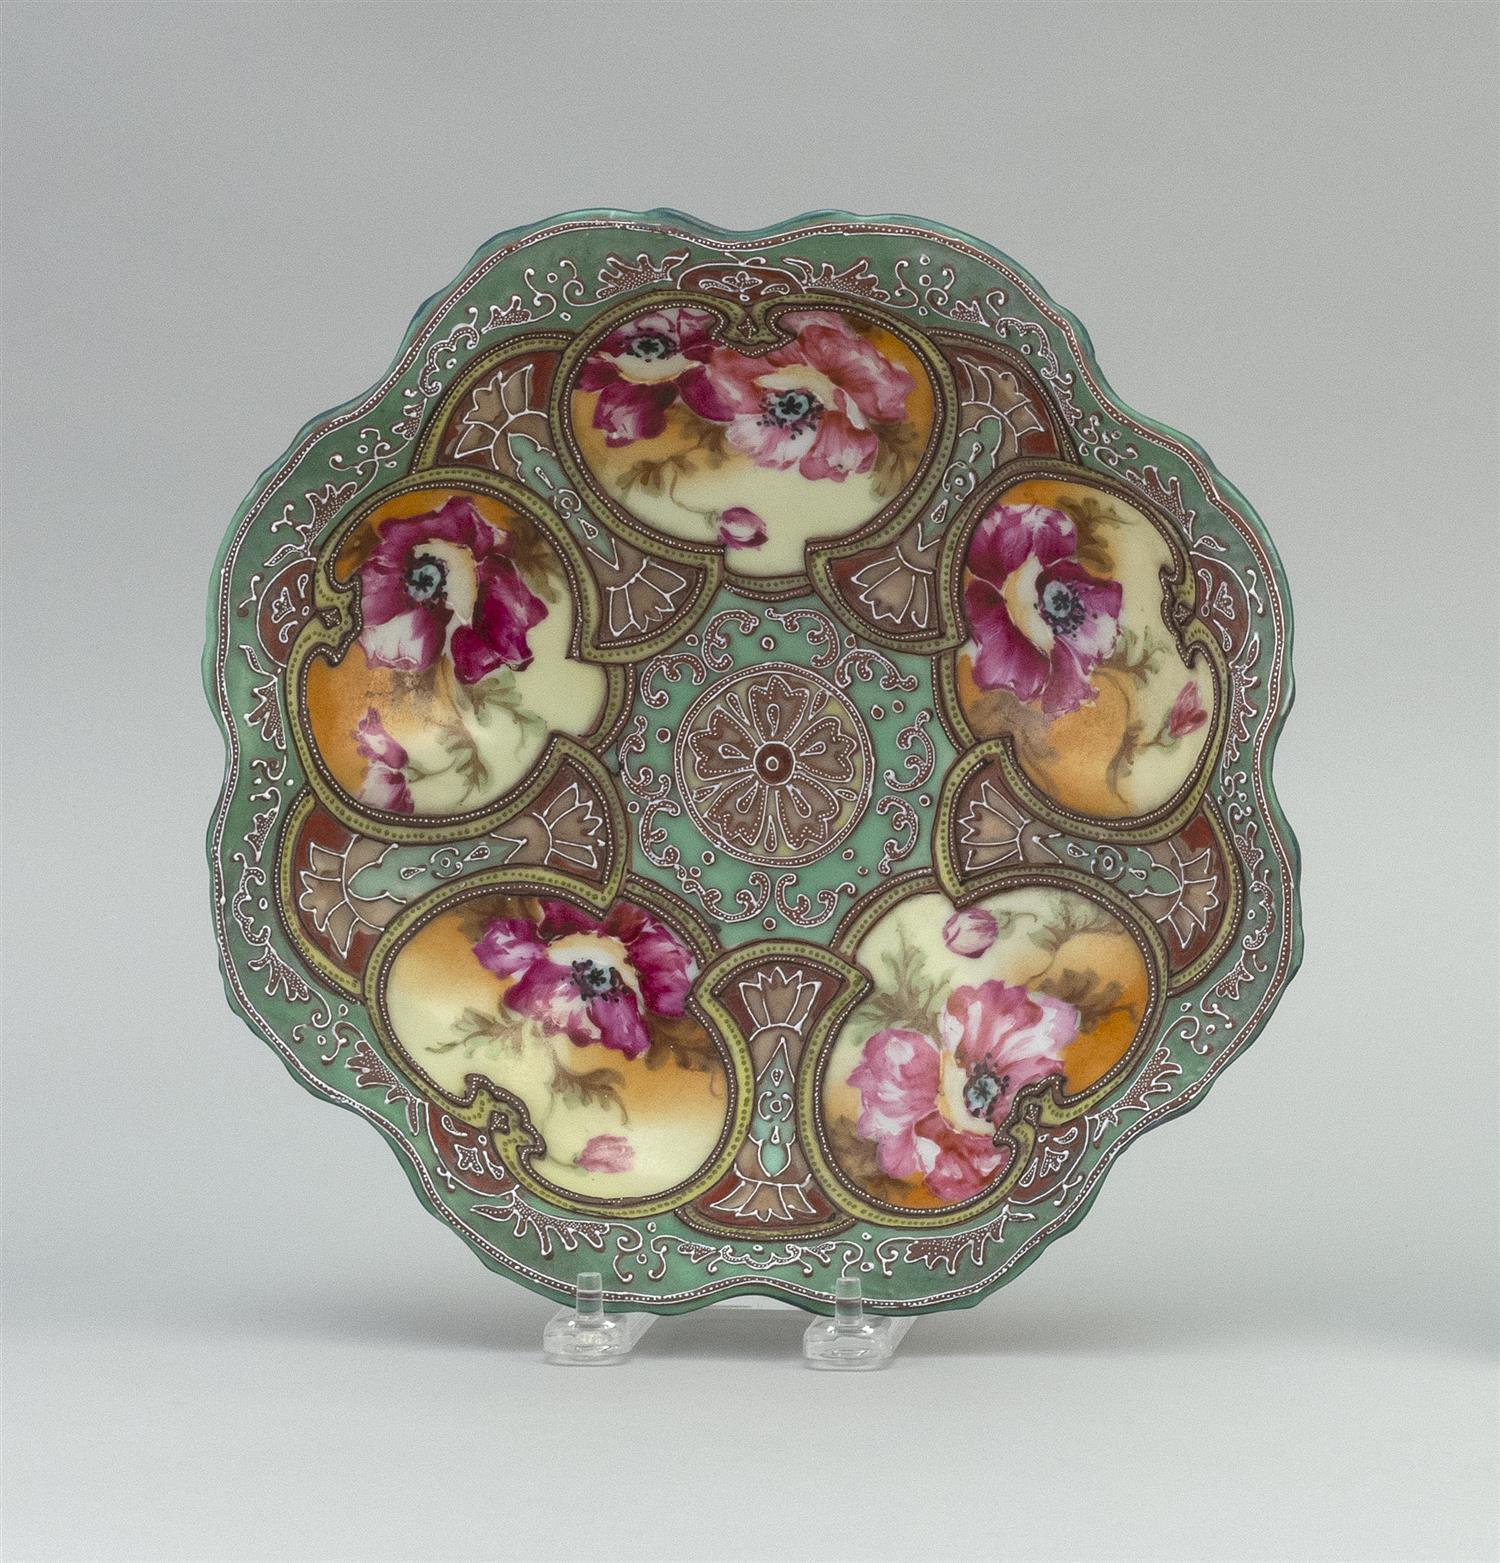 """MORIAGE NIPPON PORCELAIN BOWL Floriform, with a colorful floral design. Diameter 9.5""""."""